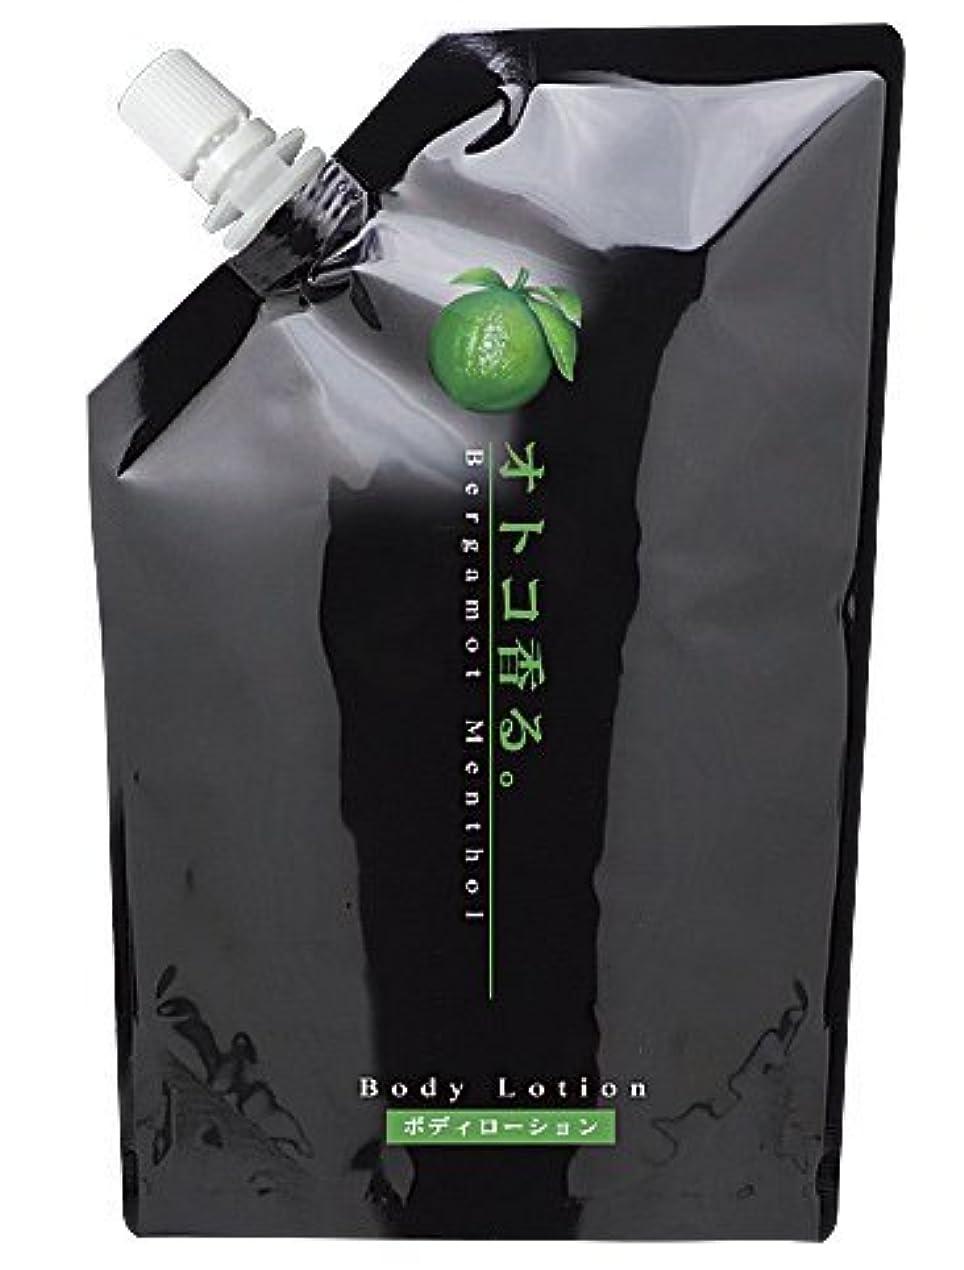 のスコア生む盆地kracie(クラシエ) オトコ香る ボディローション ベルガモットの香り 微香性 業務用 家庭様向け 500ml 補充サイズ